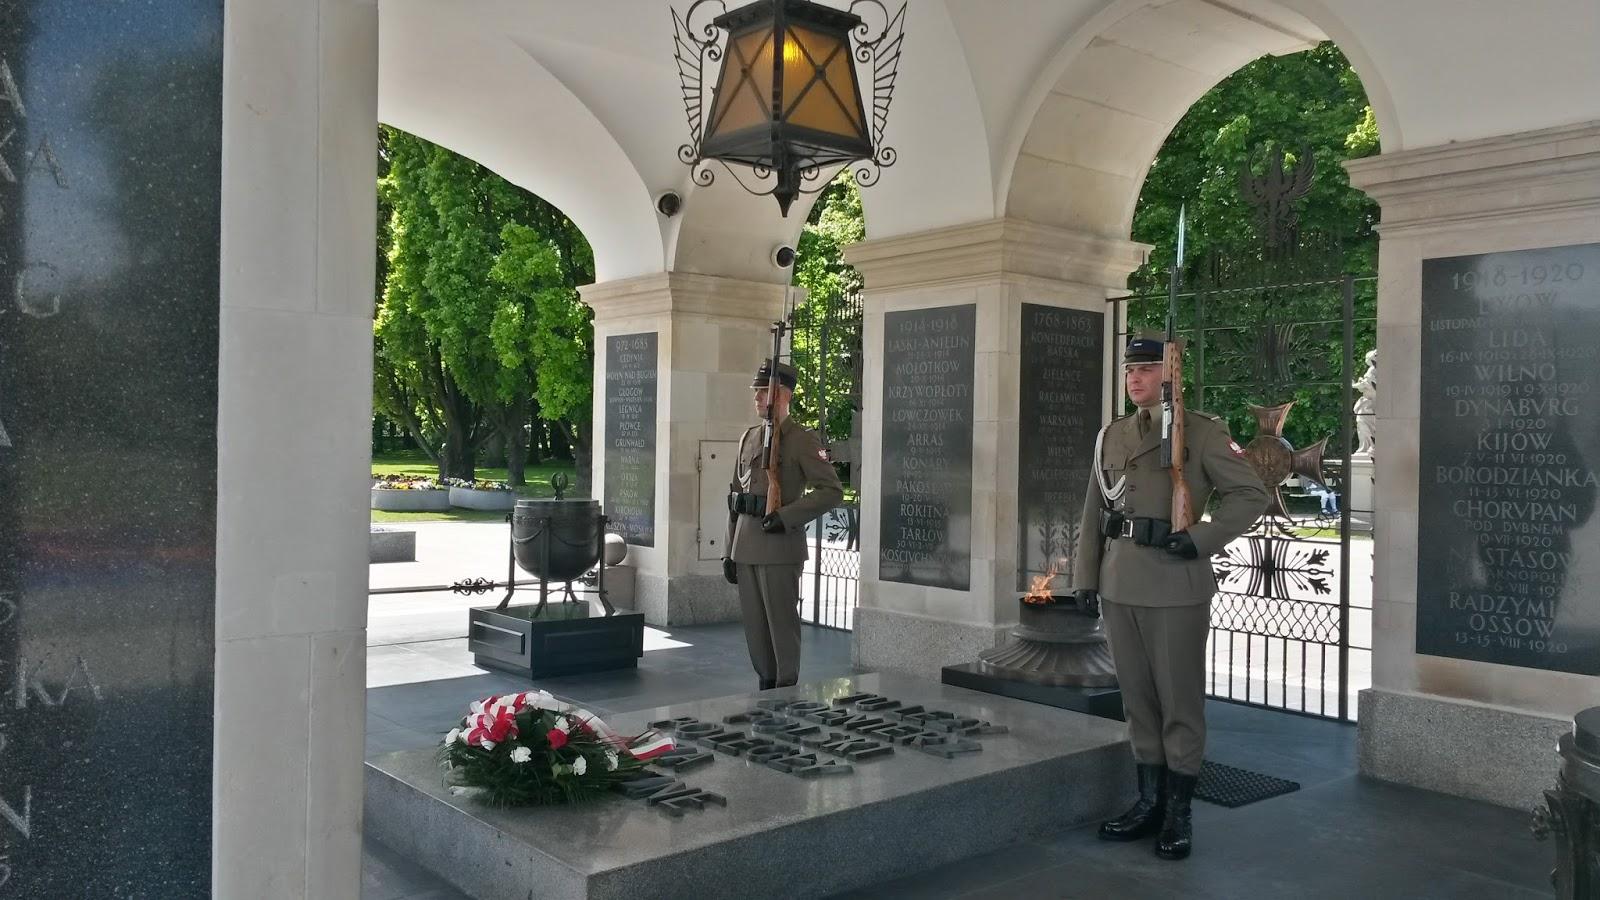 Grób Nieznanego Żołnierza Meçhul Asker Anıtı Tomb of the Unknown Soldier Warsaw